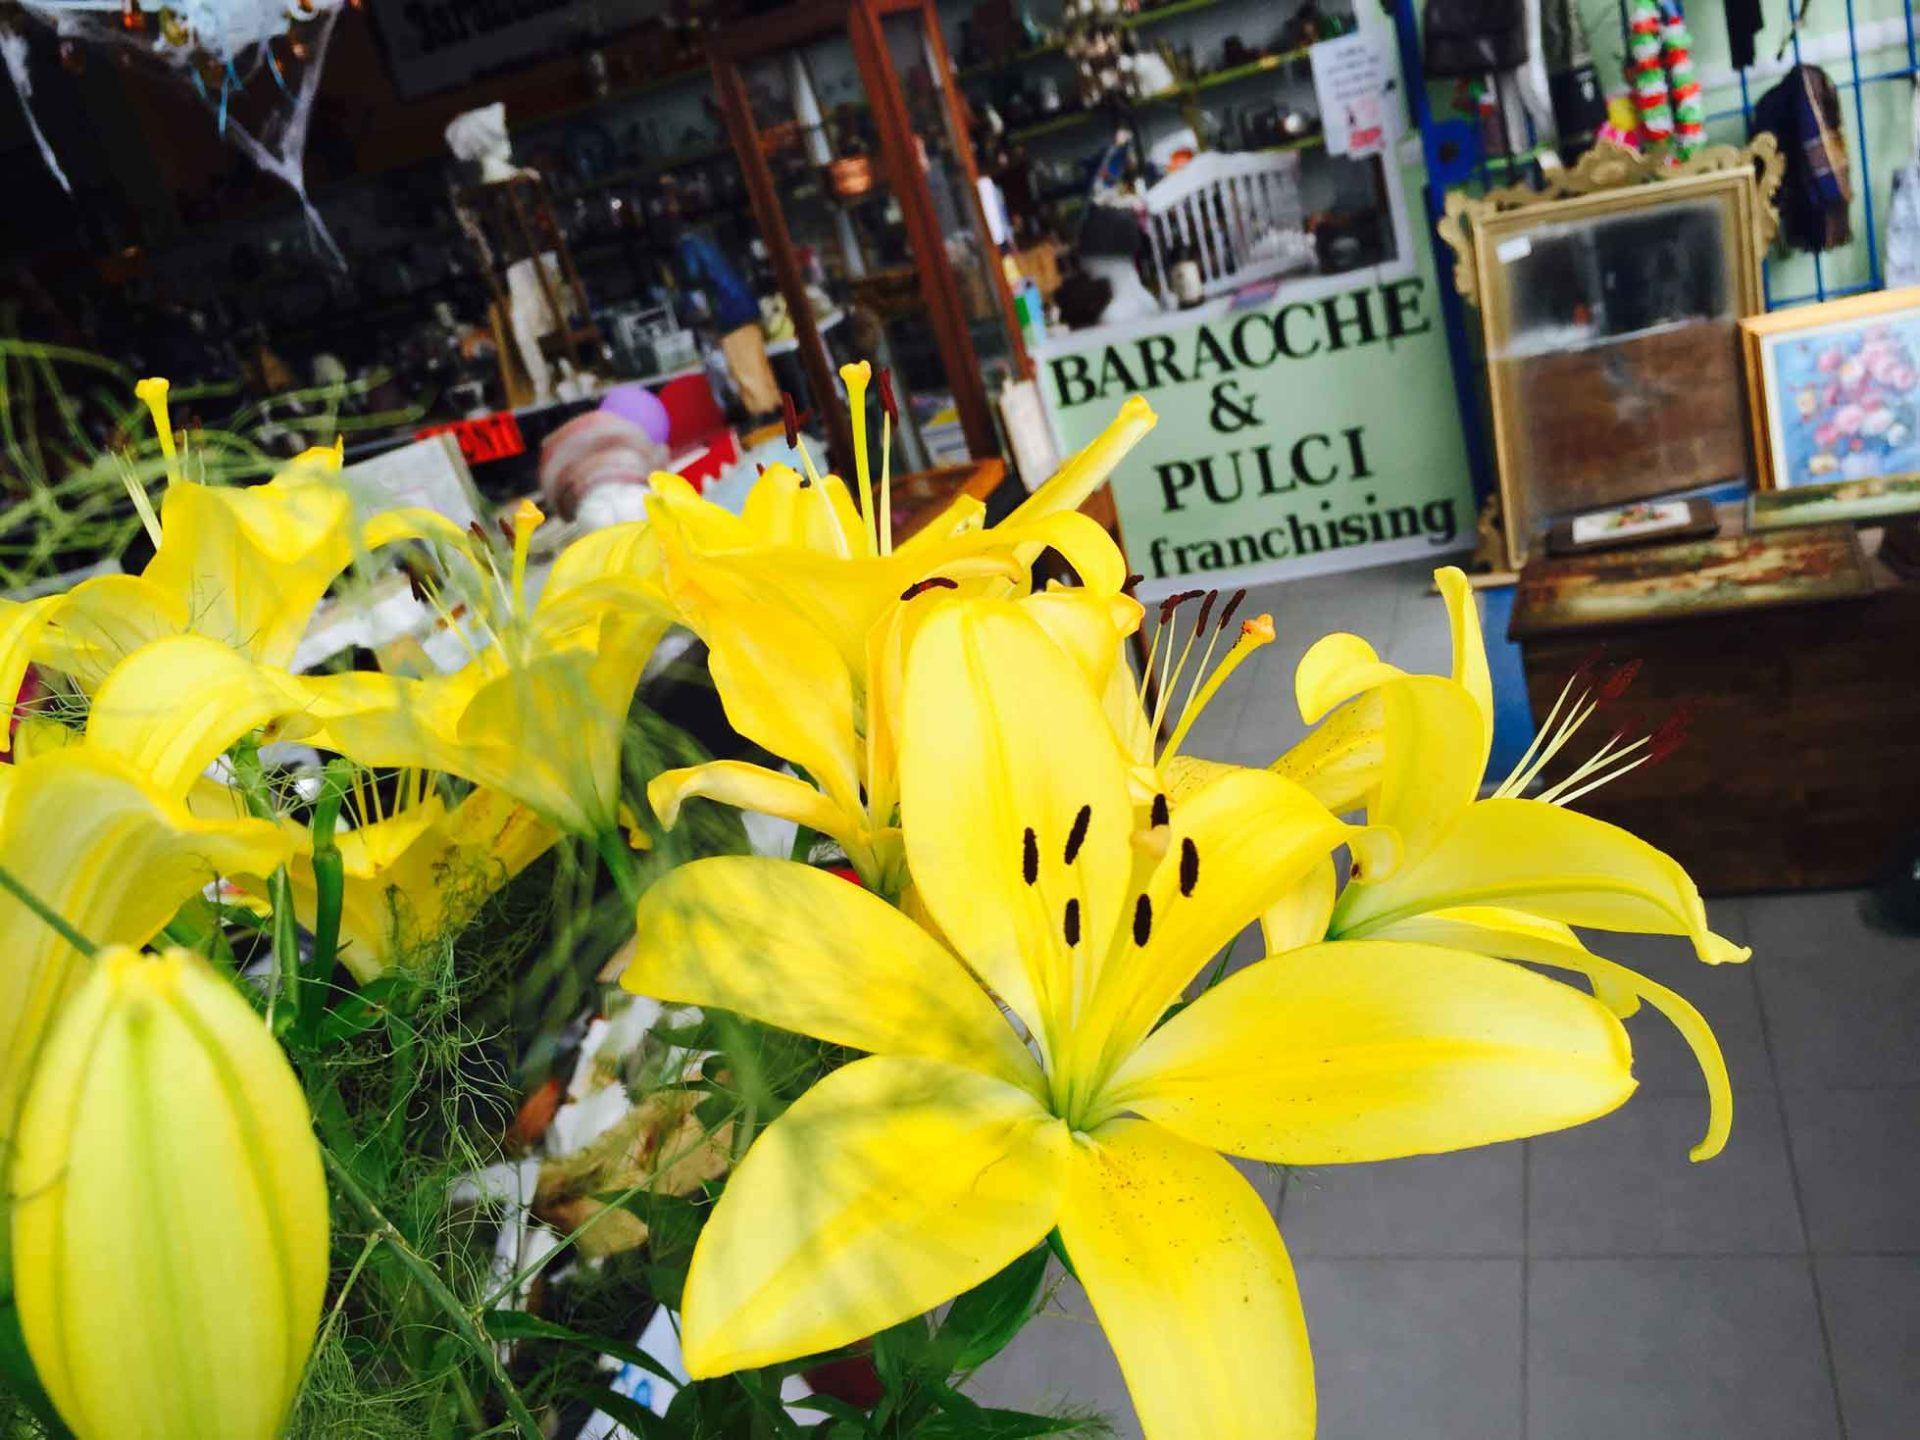 Baracche&Pulci